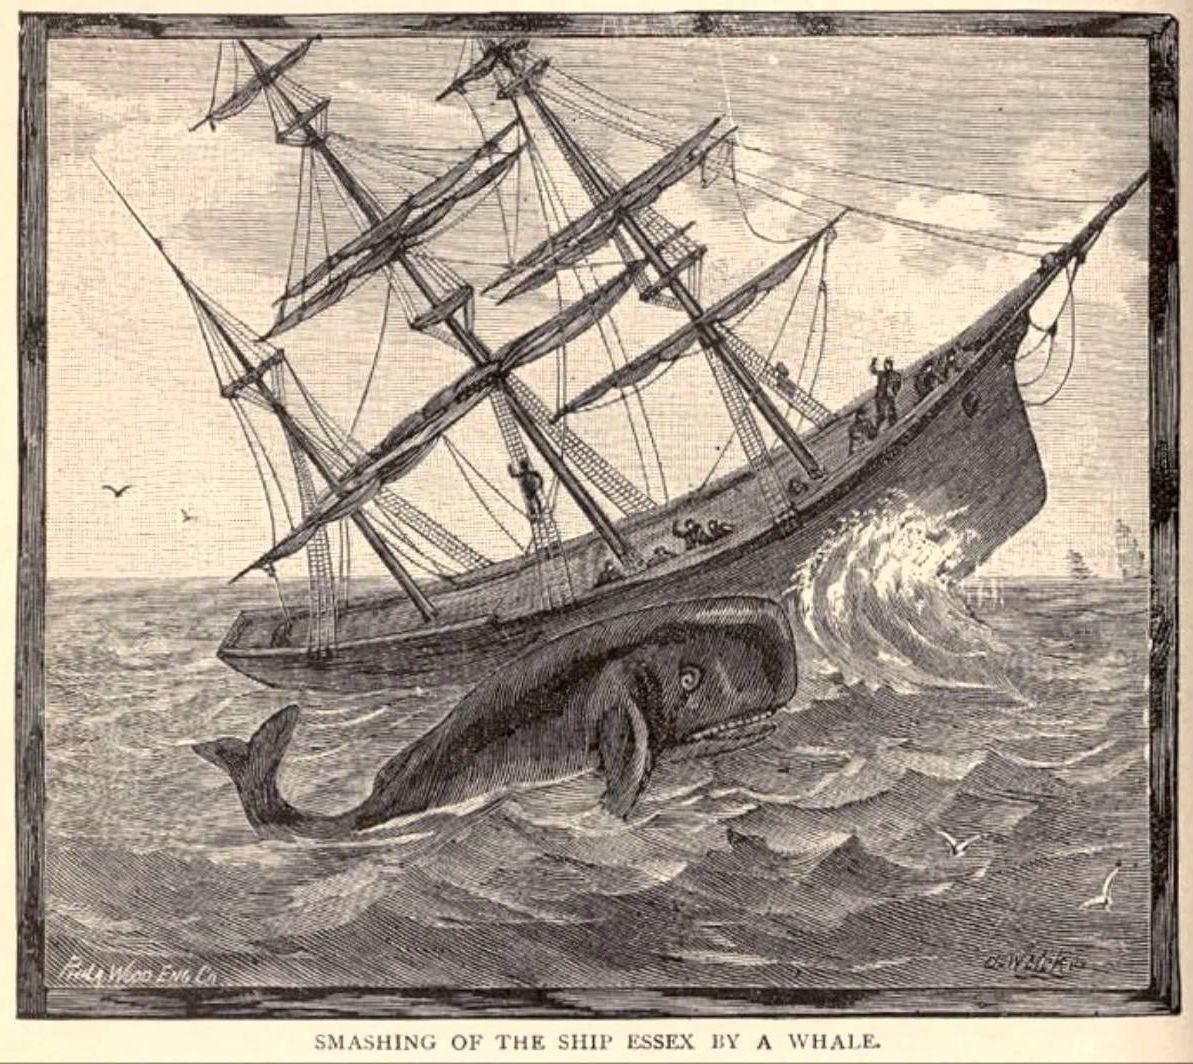 La terribile storia dei sopravvissuti dell'Essex: cannibalismo in alto mare nel XIX secolo di Andrea Mucedola